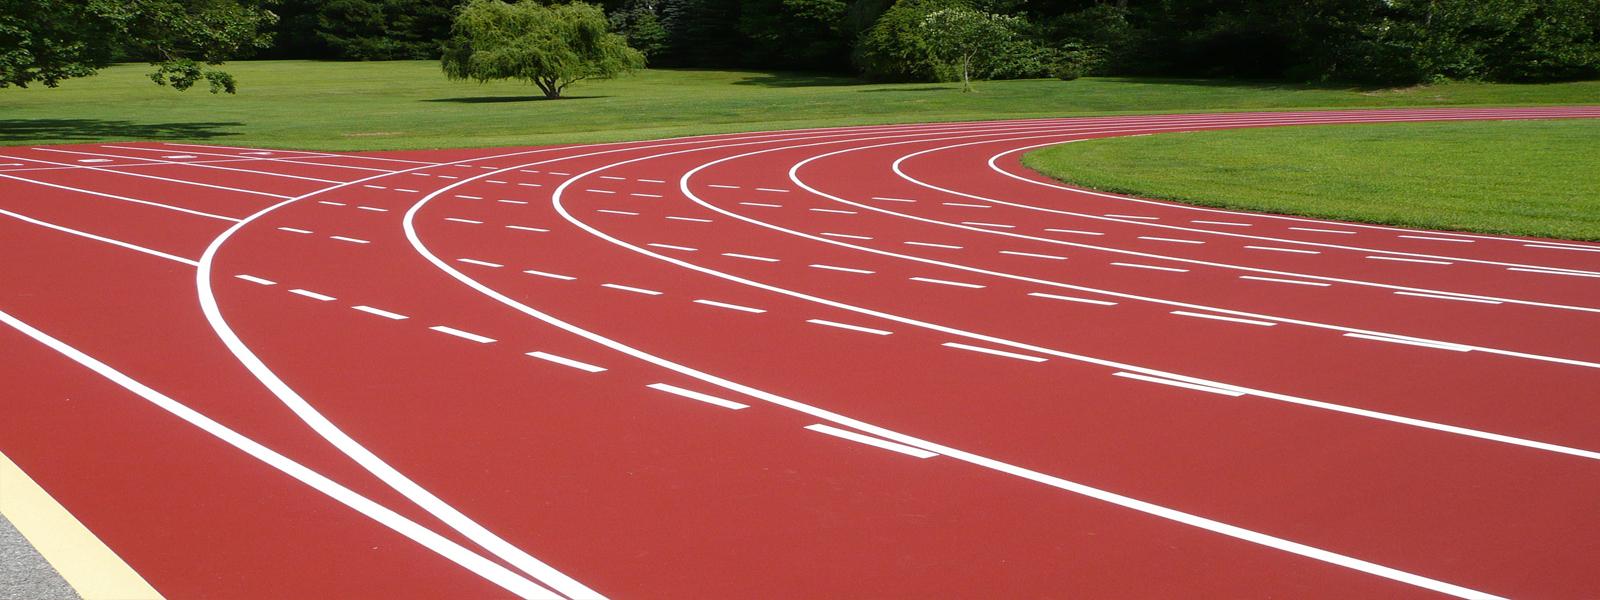 Đường Chạy Điền Kinh Thi công đường chạy điền kinh hay còn gọi là đường Piste trong sân điền kinh. Đạt tiêu chuẩn quốc tế trong tập luyện và thi đầu. Chi tiết